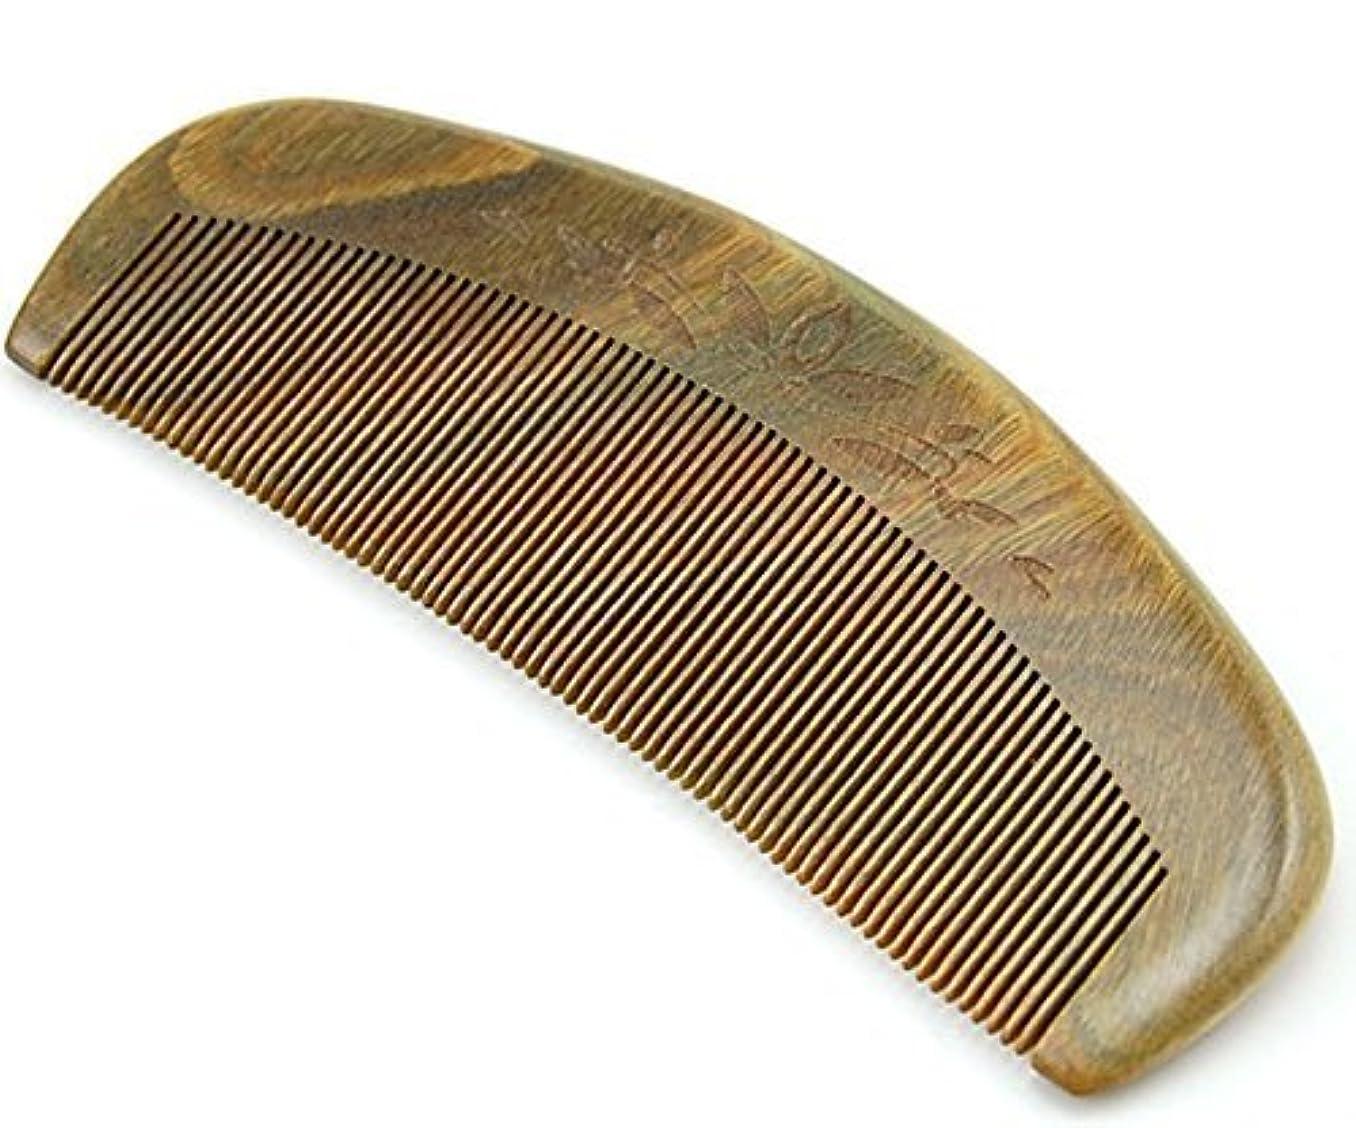 汚染腹痛夕暮れJoyo Natural Green Sandalwood Fine Tooth Comb, Anti Static Pocket Wooden Comb 5